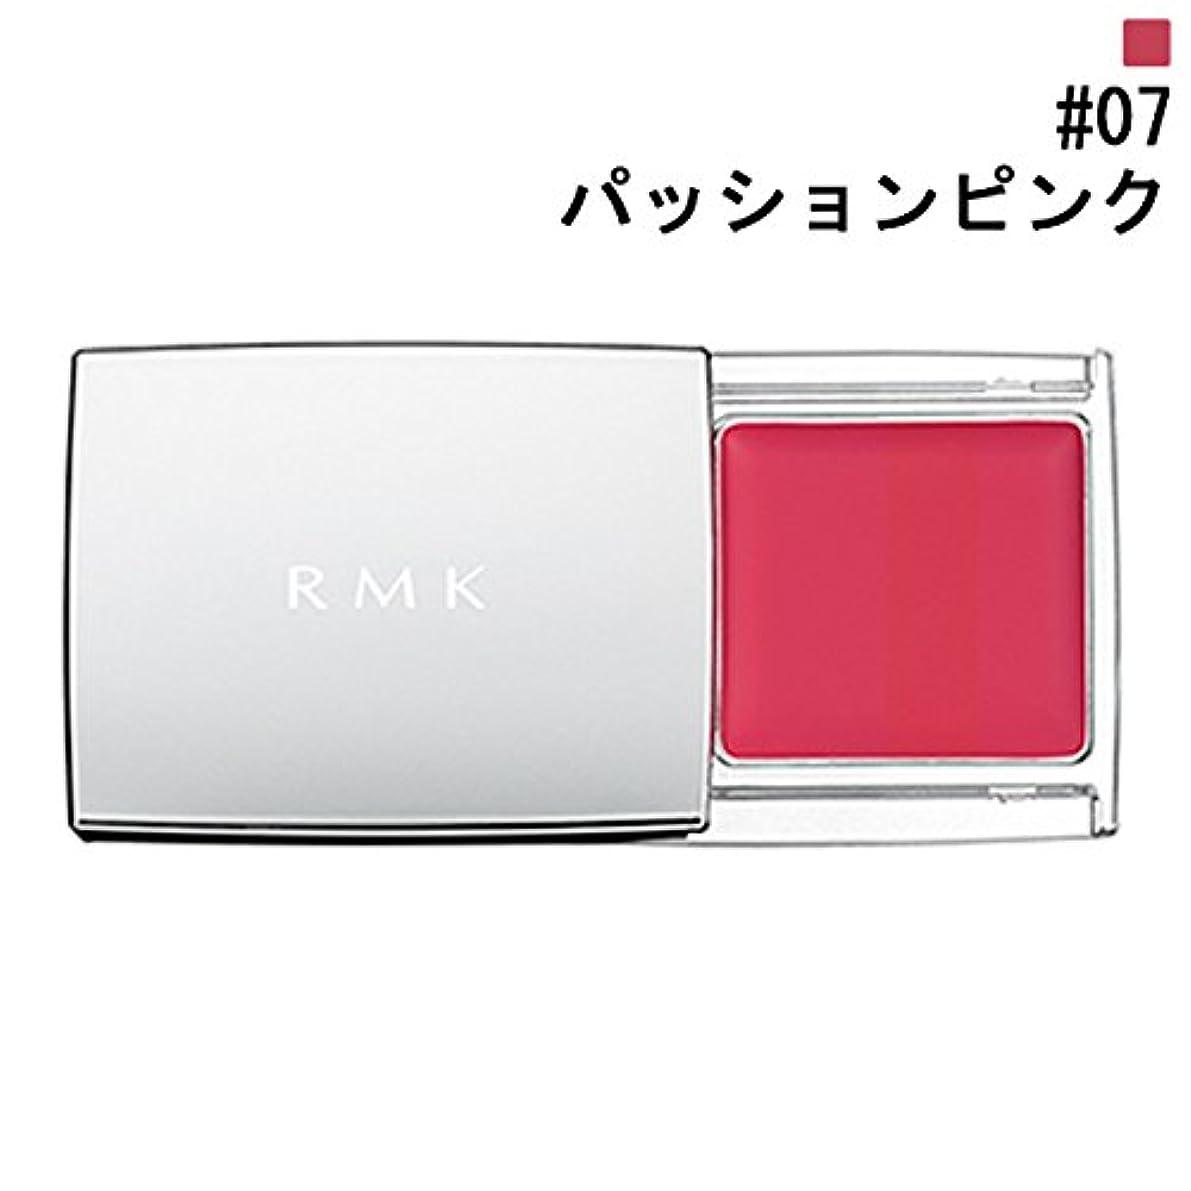 飼料吸い込む型【RMK (ルミコ)】RMK マルチペイントカラーズ #07 パッションピンク 1.5g